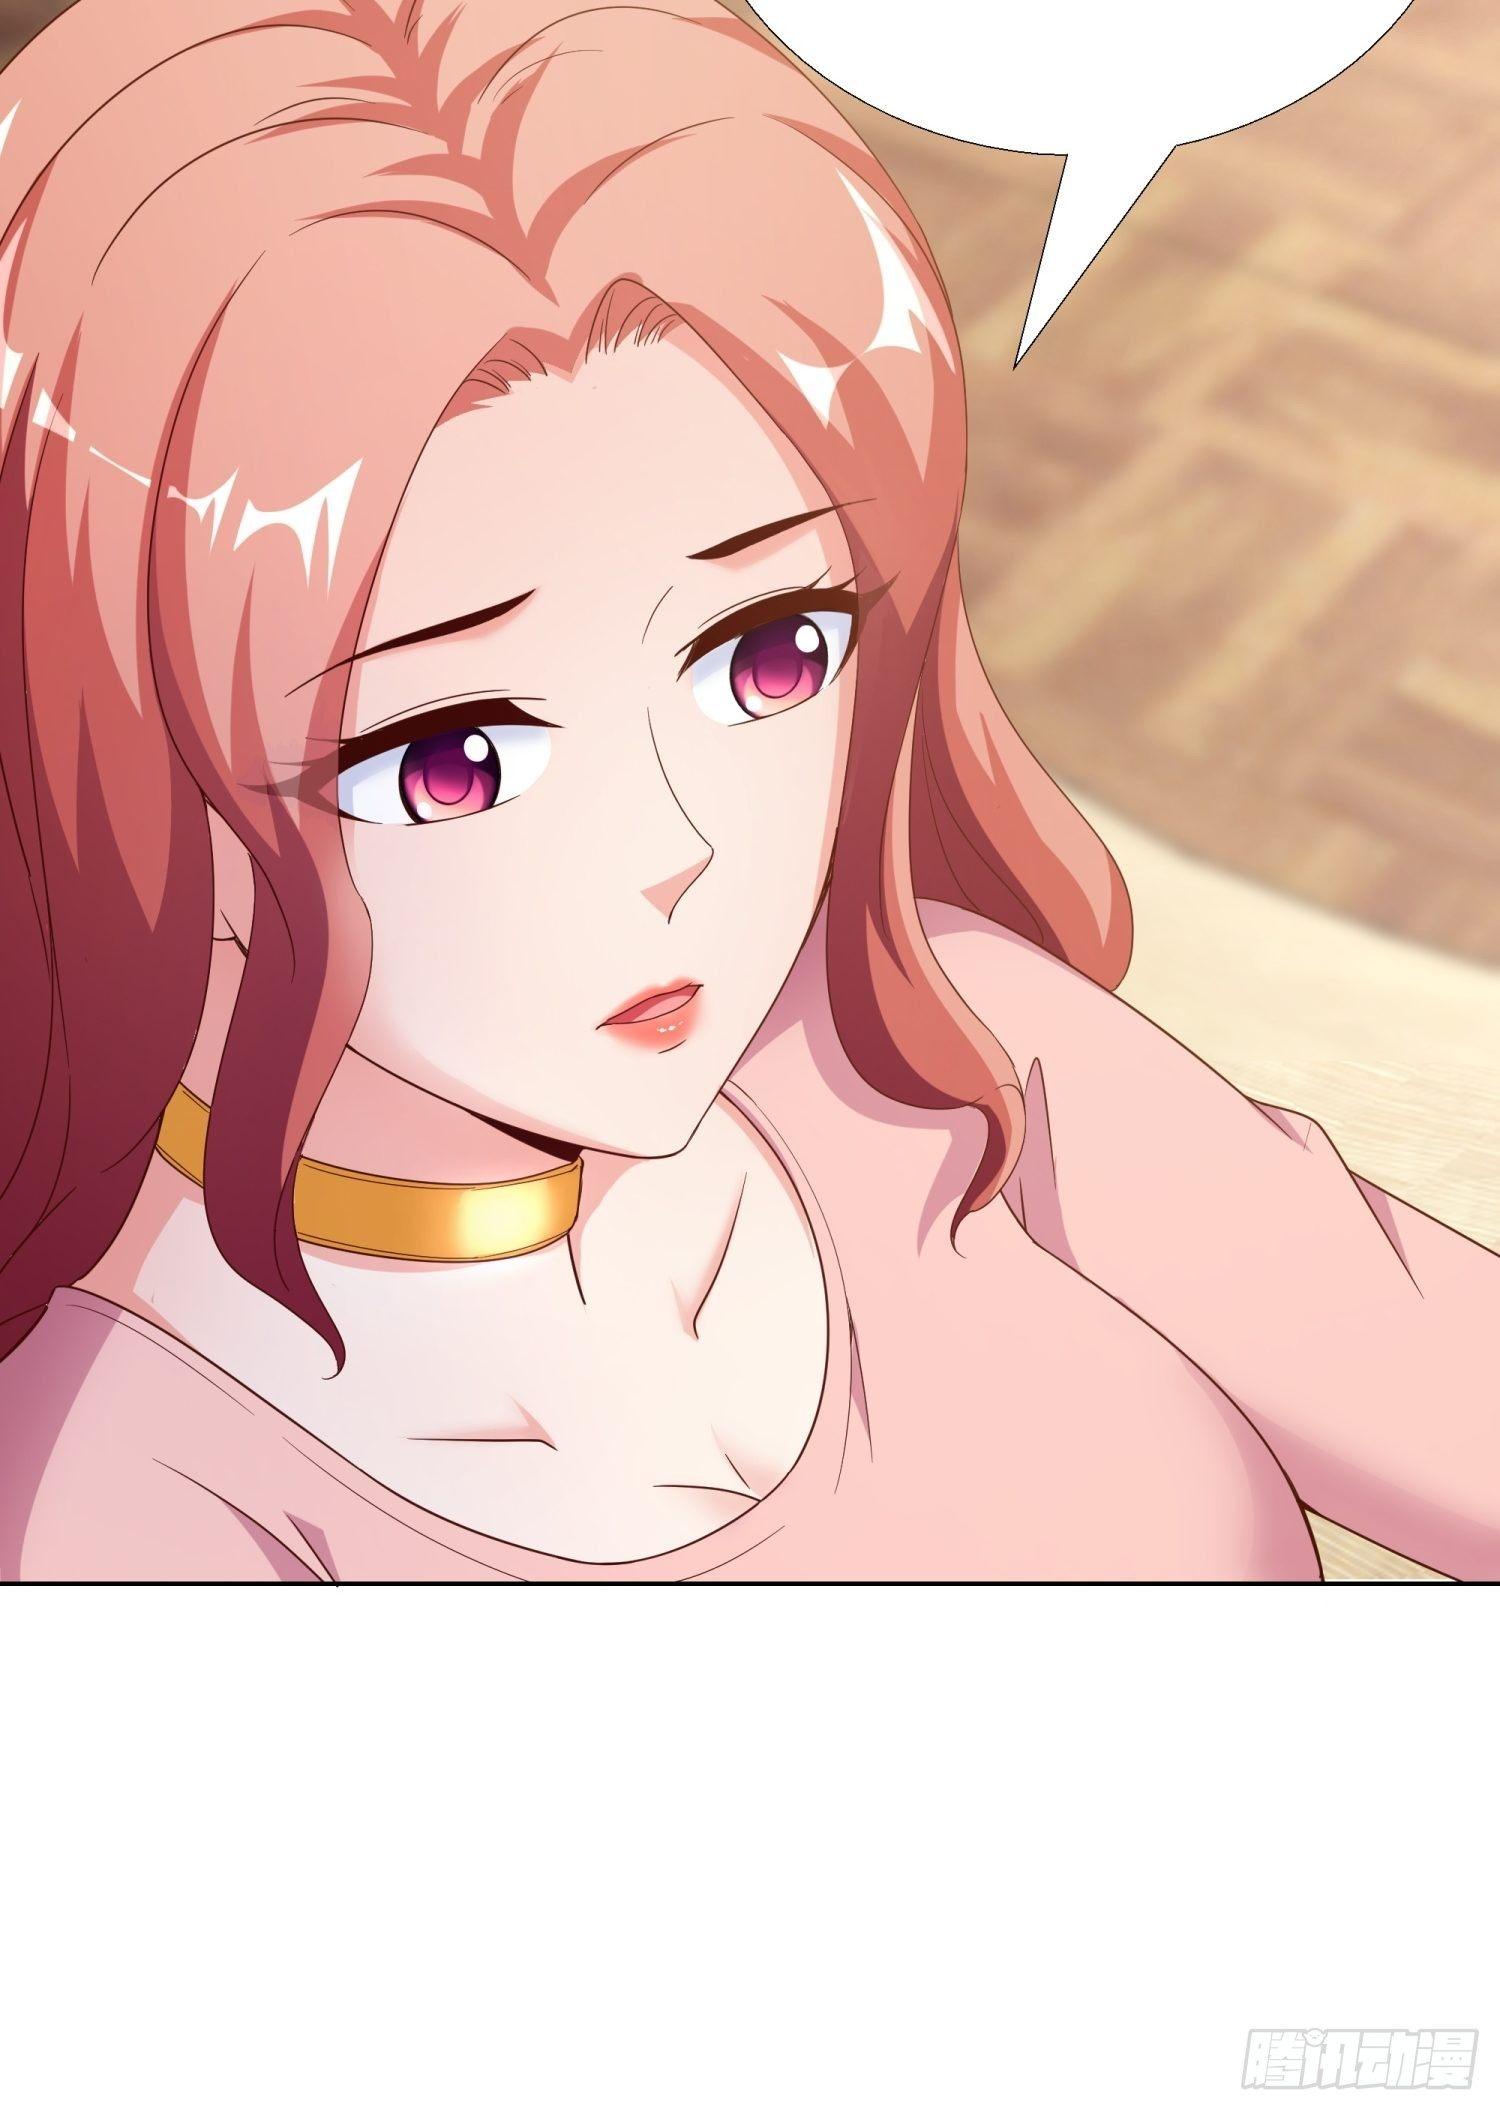 image-04